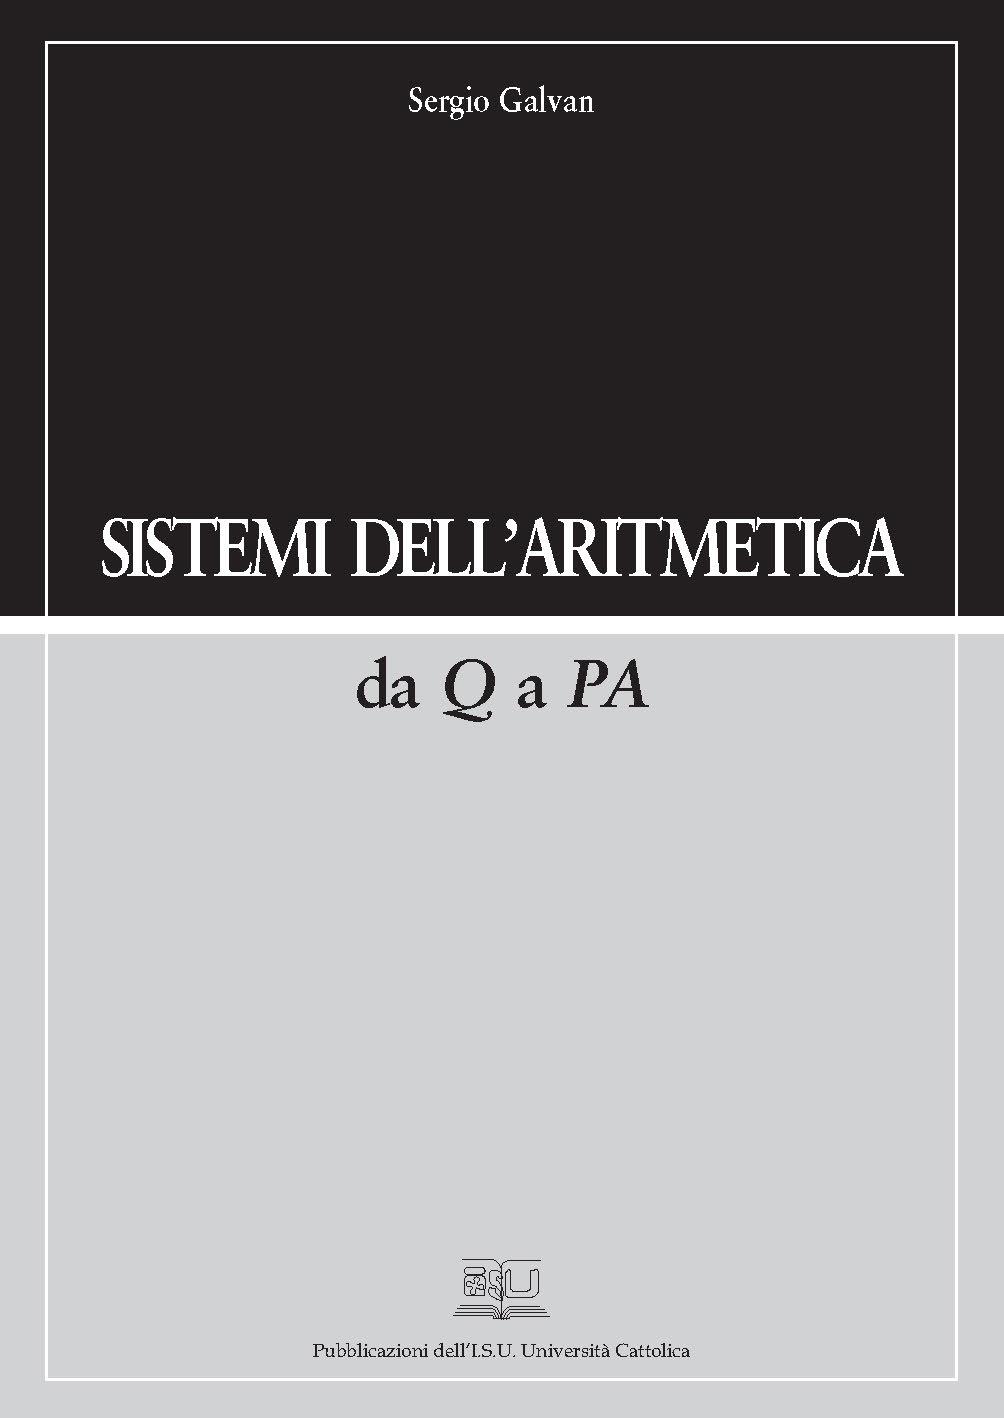 SISTEMI DELL'ARITMETICA DA Q A PA